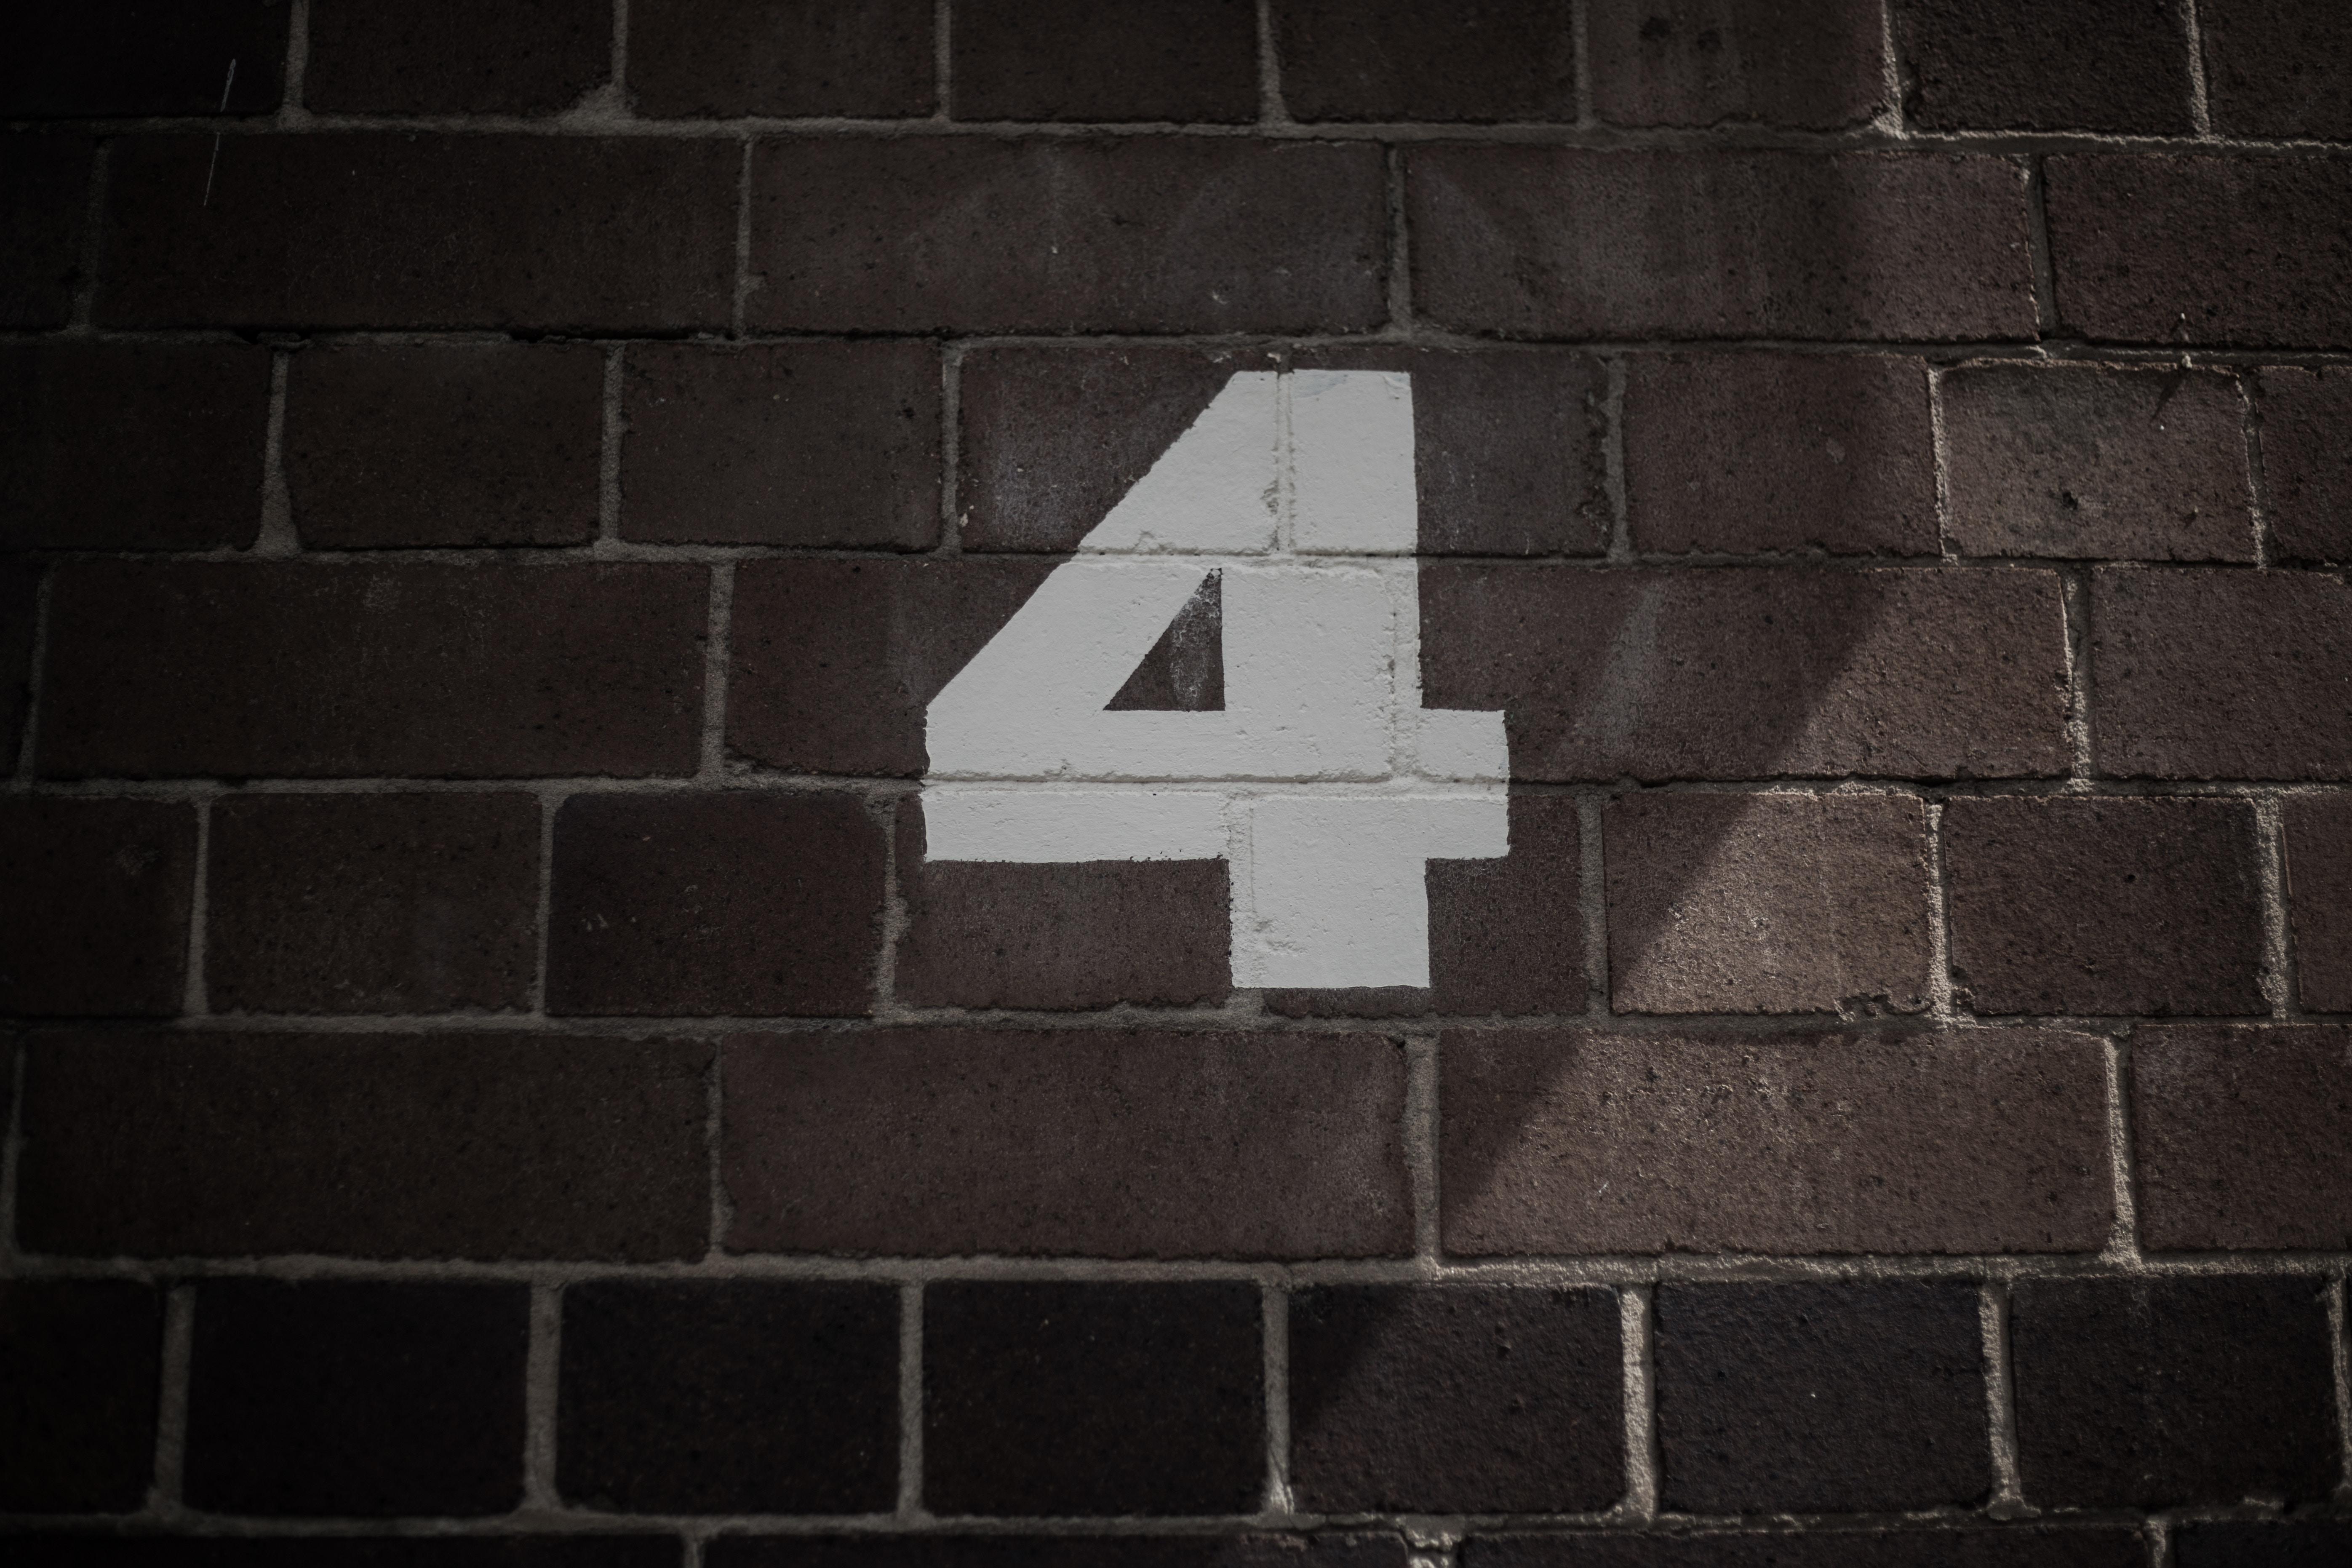 【カバラ数秘術】運命数4の相性・性格は?マイペースな努力家?